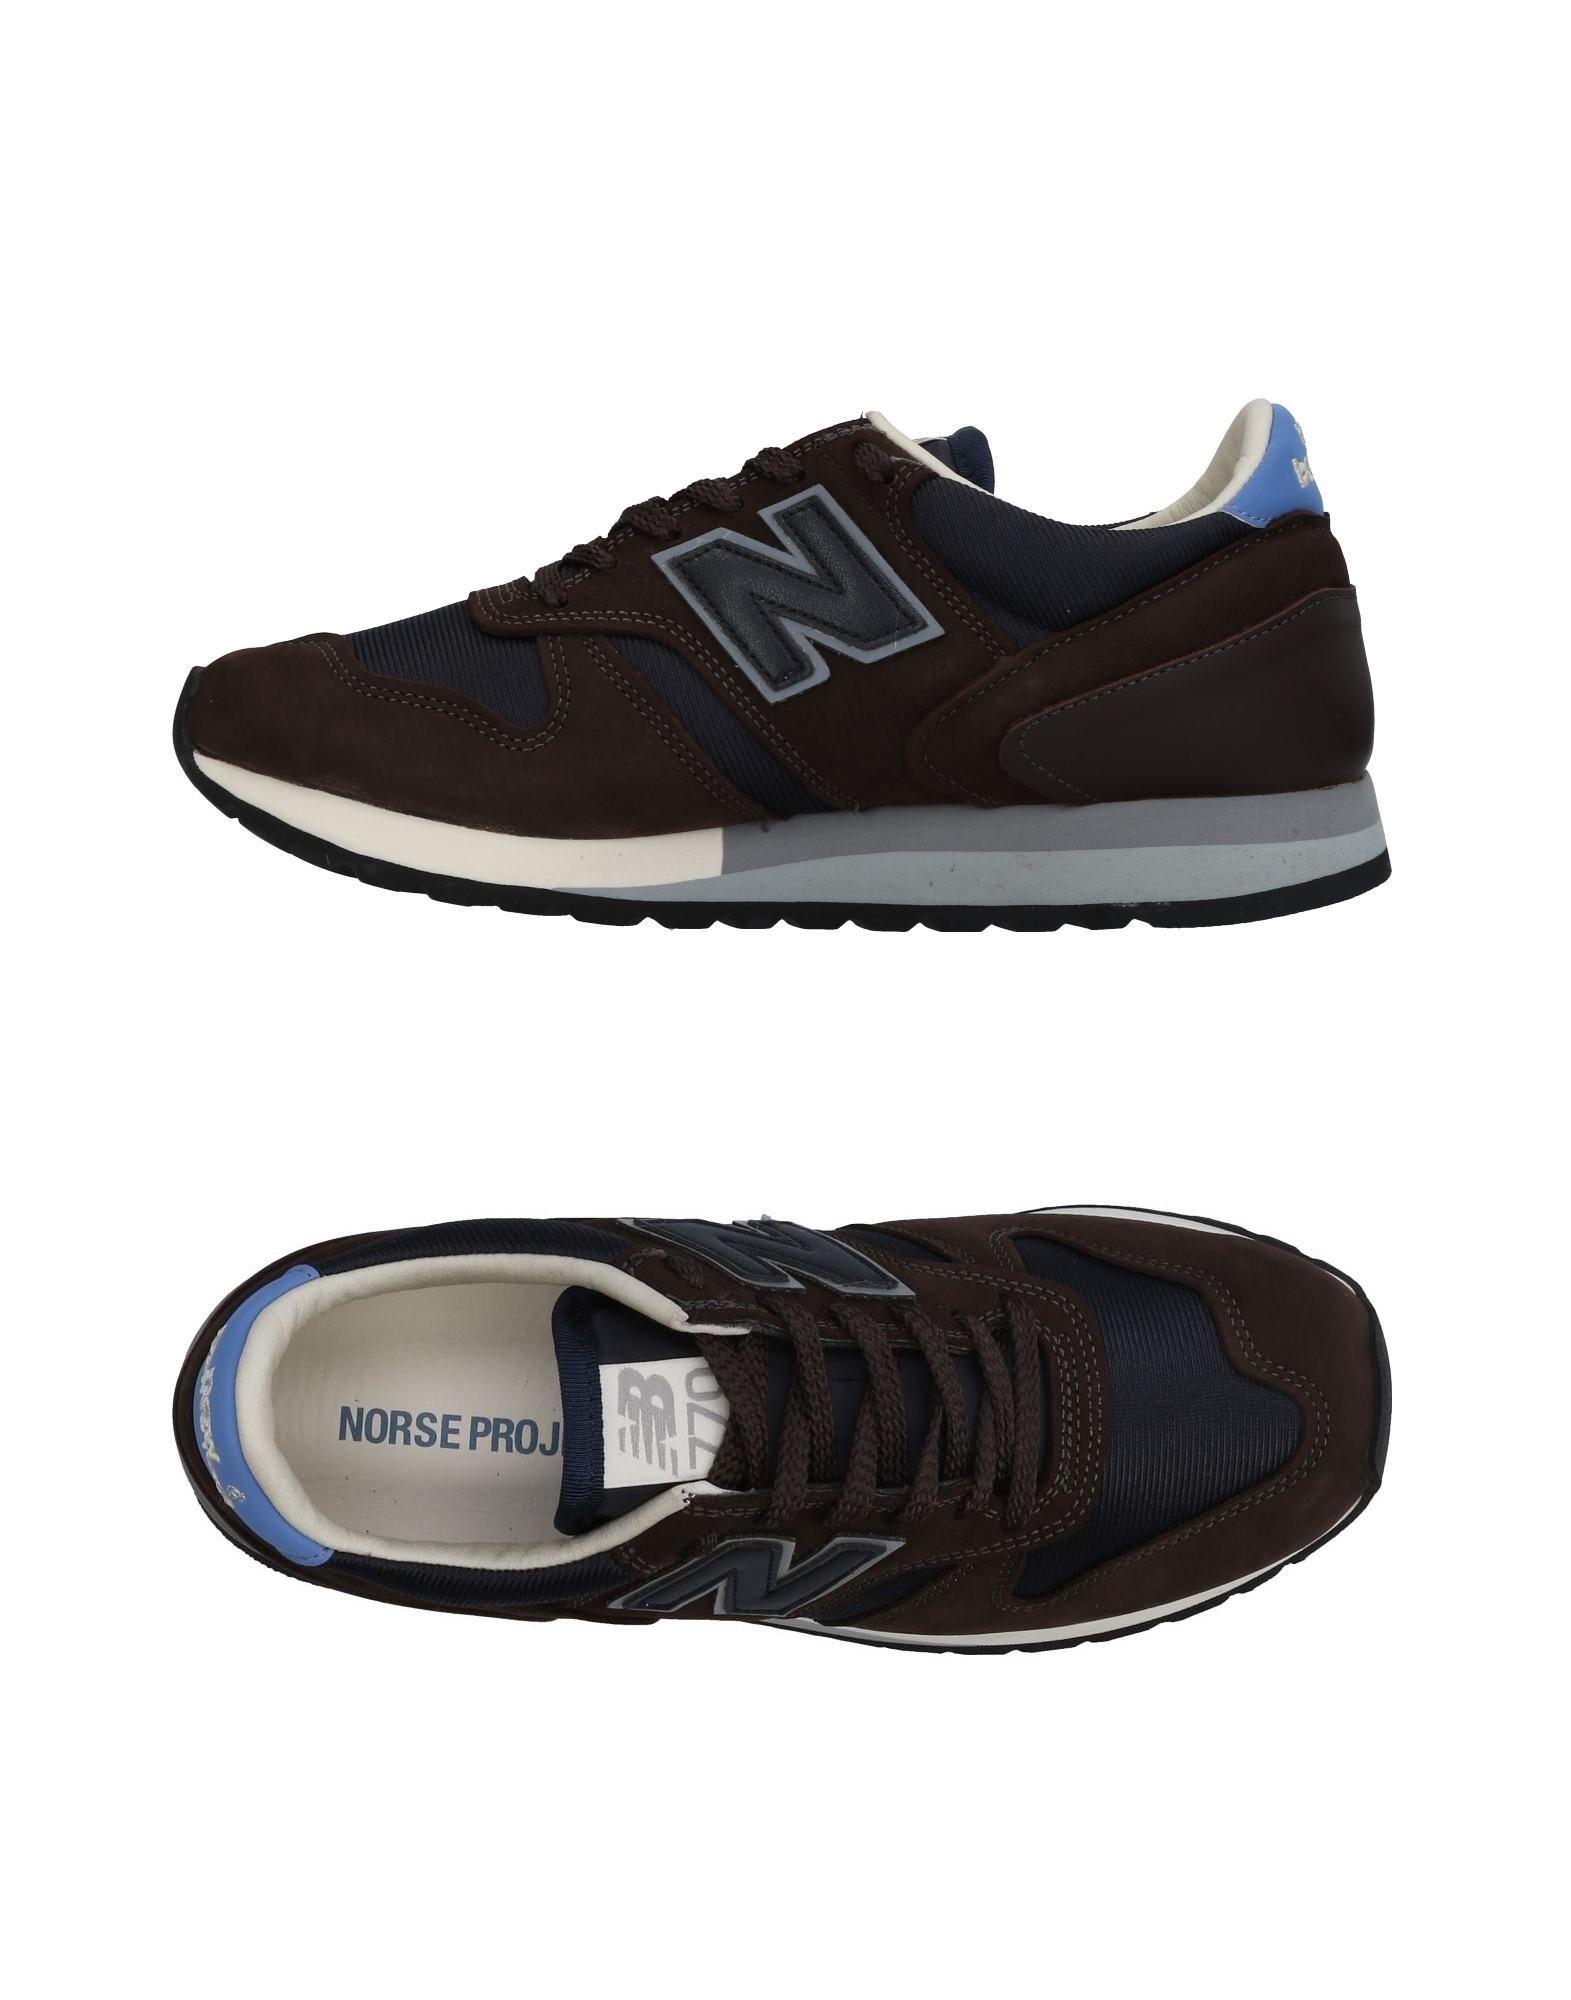 New Balance Sneakers Herren  11453264WW